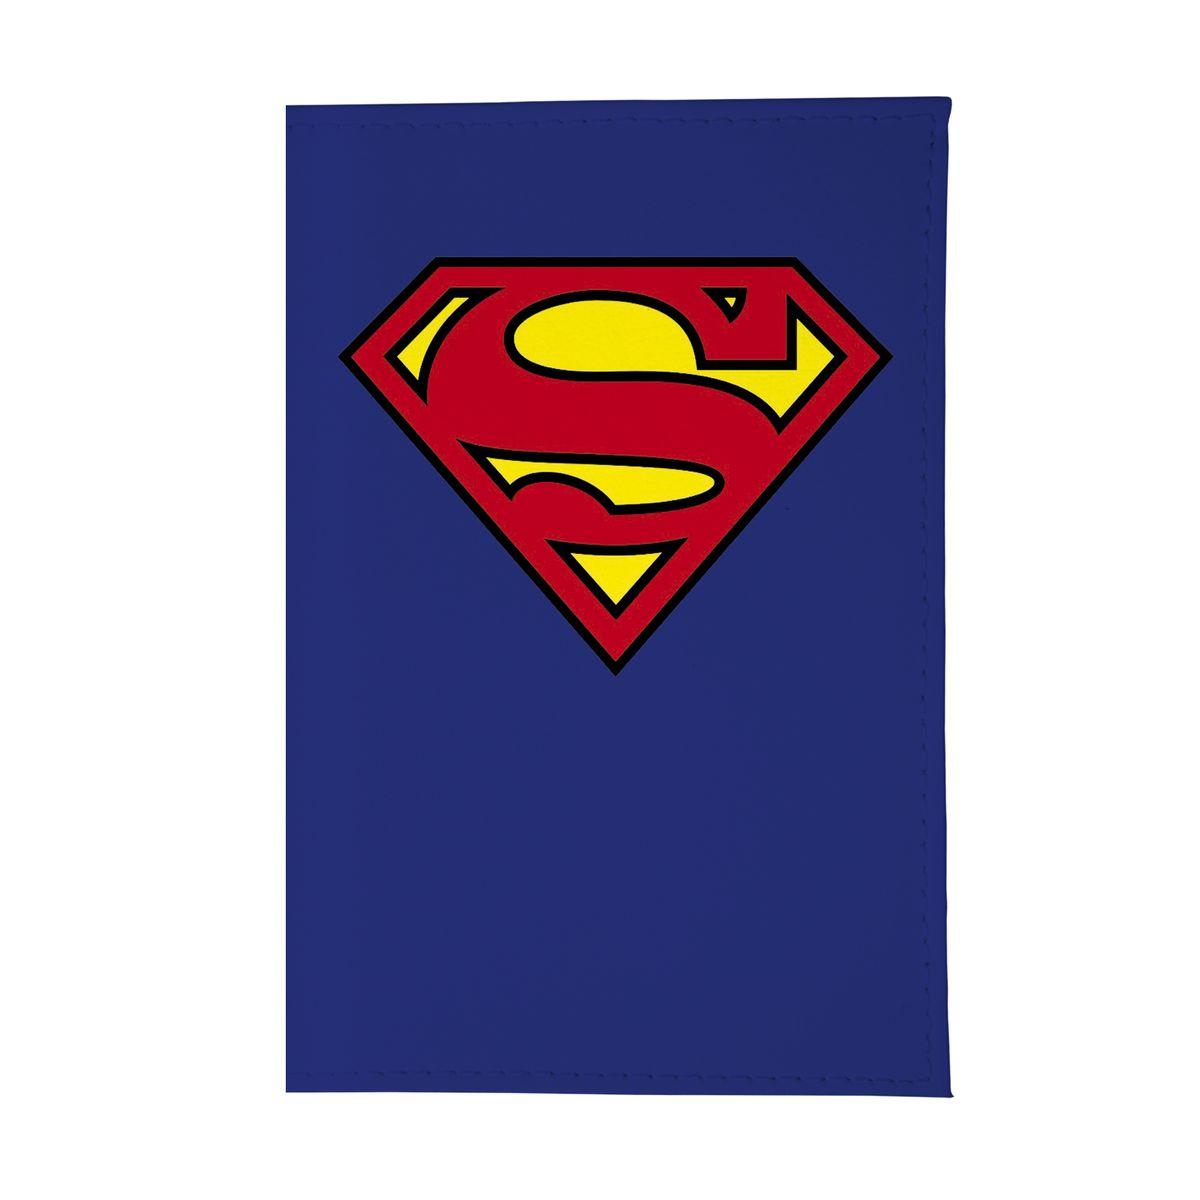 Обложка для автодокументов Супермен. AUTOZAM004584.46D.16 PurpleСтильная обложка для автодокументов Mitya Veselkov не только поможет сохранить внешний вид ваших документов и защитить их от повреждений, но и станет стильным аксессуаром, идеально подходящим вашему образу.Она выполнена из ПВХ, внутри имеет съемный вкладыш, состоящий из шести файлов для документов, один из которых формата А5.